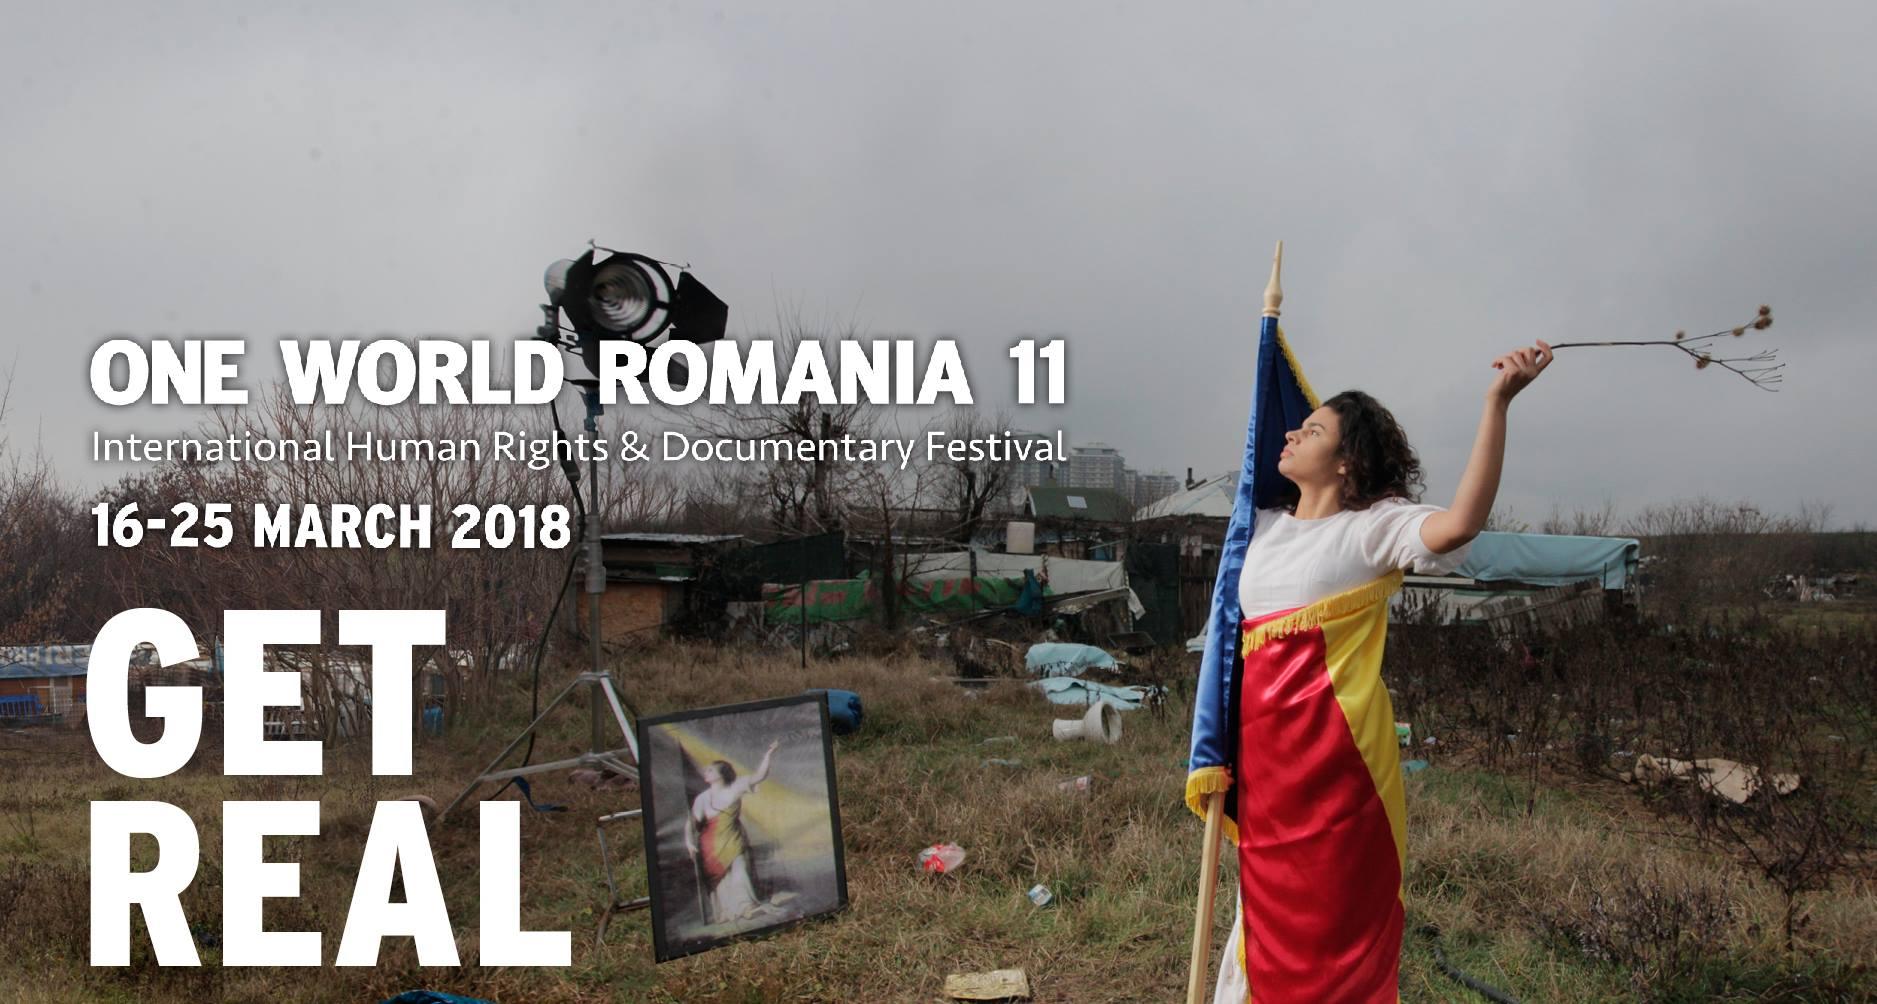 One World Romania la MNAC | Arta care mișcă lumea